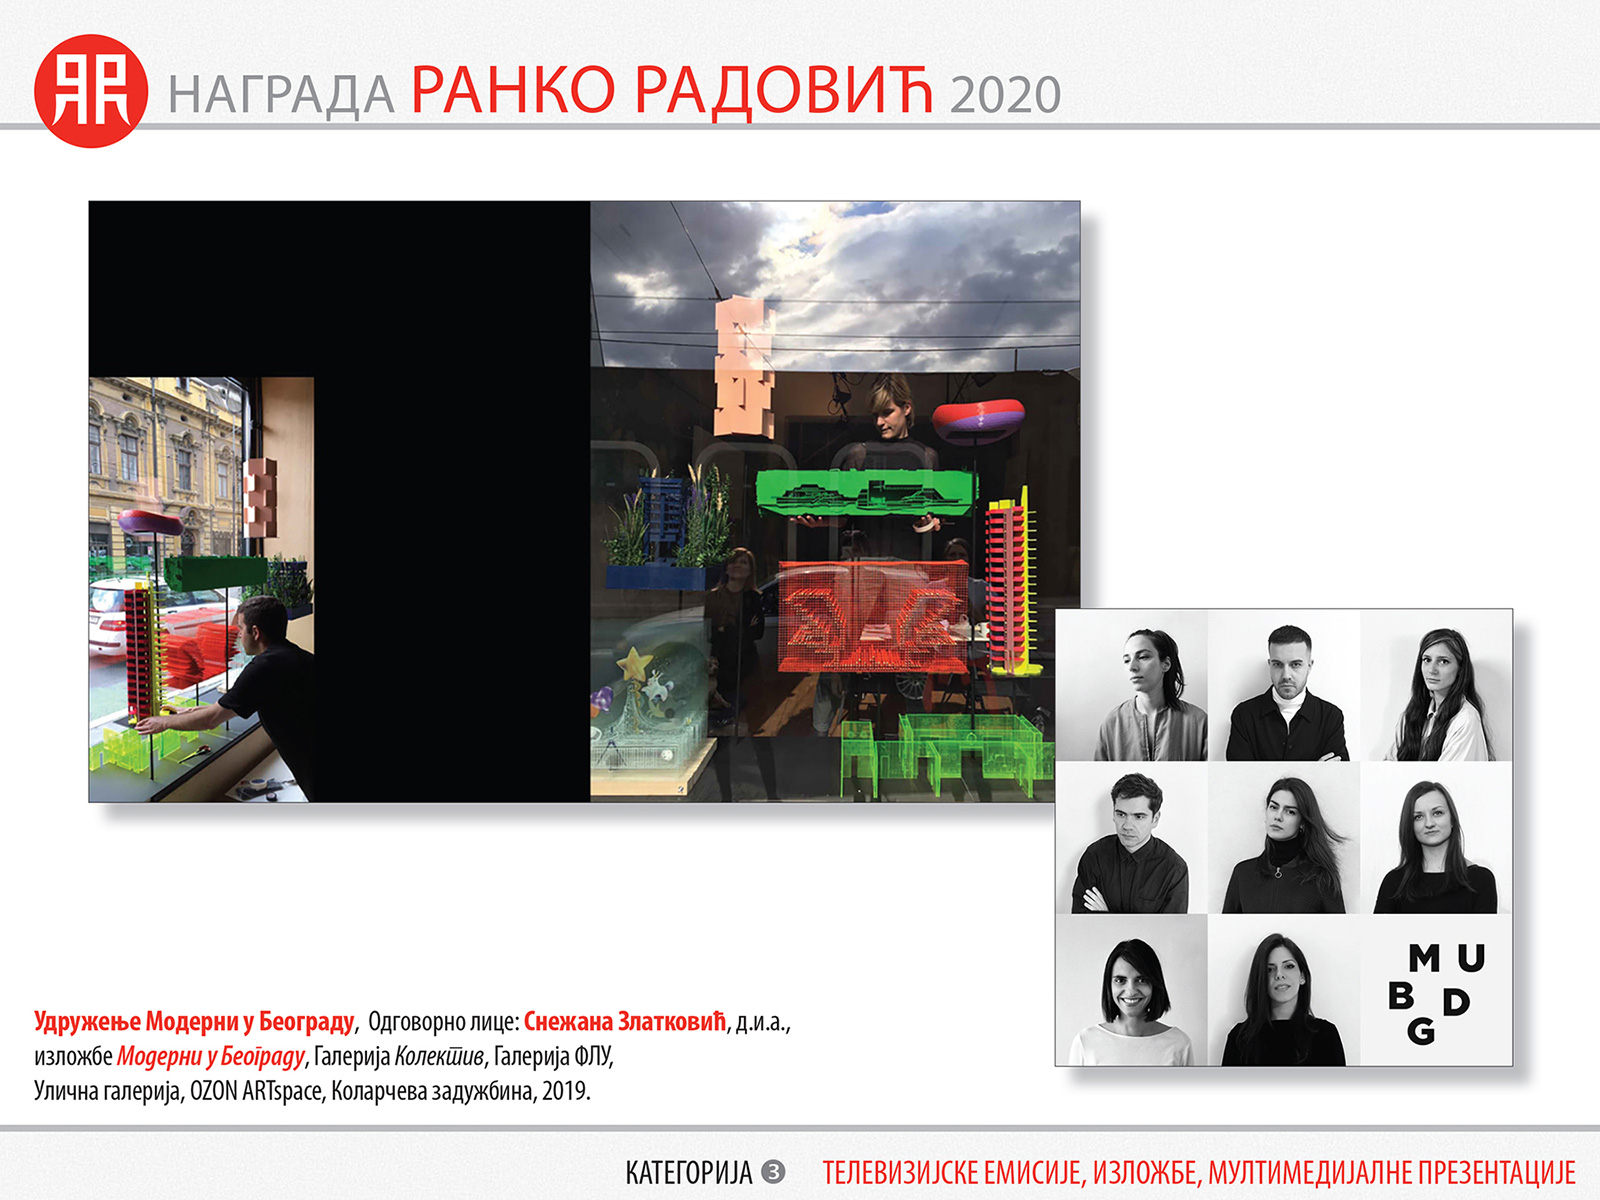 RR20 Nagrada Kat 3-vh